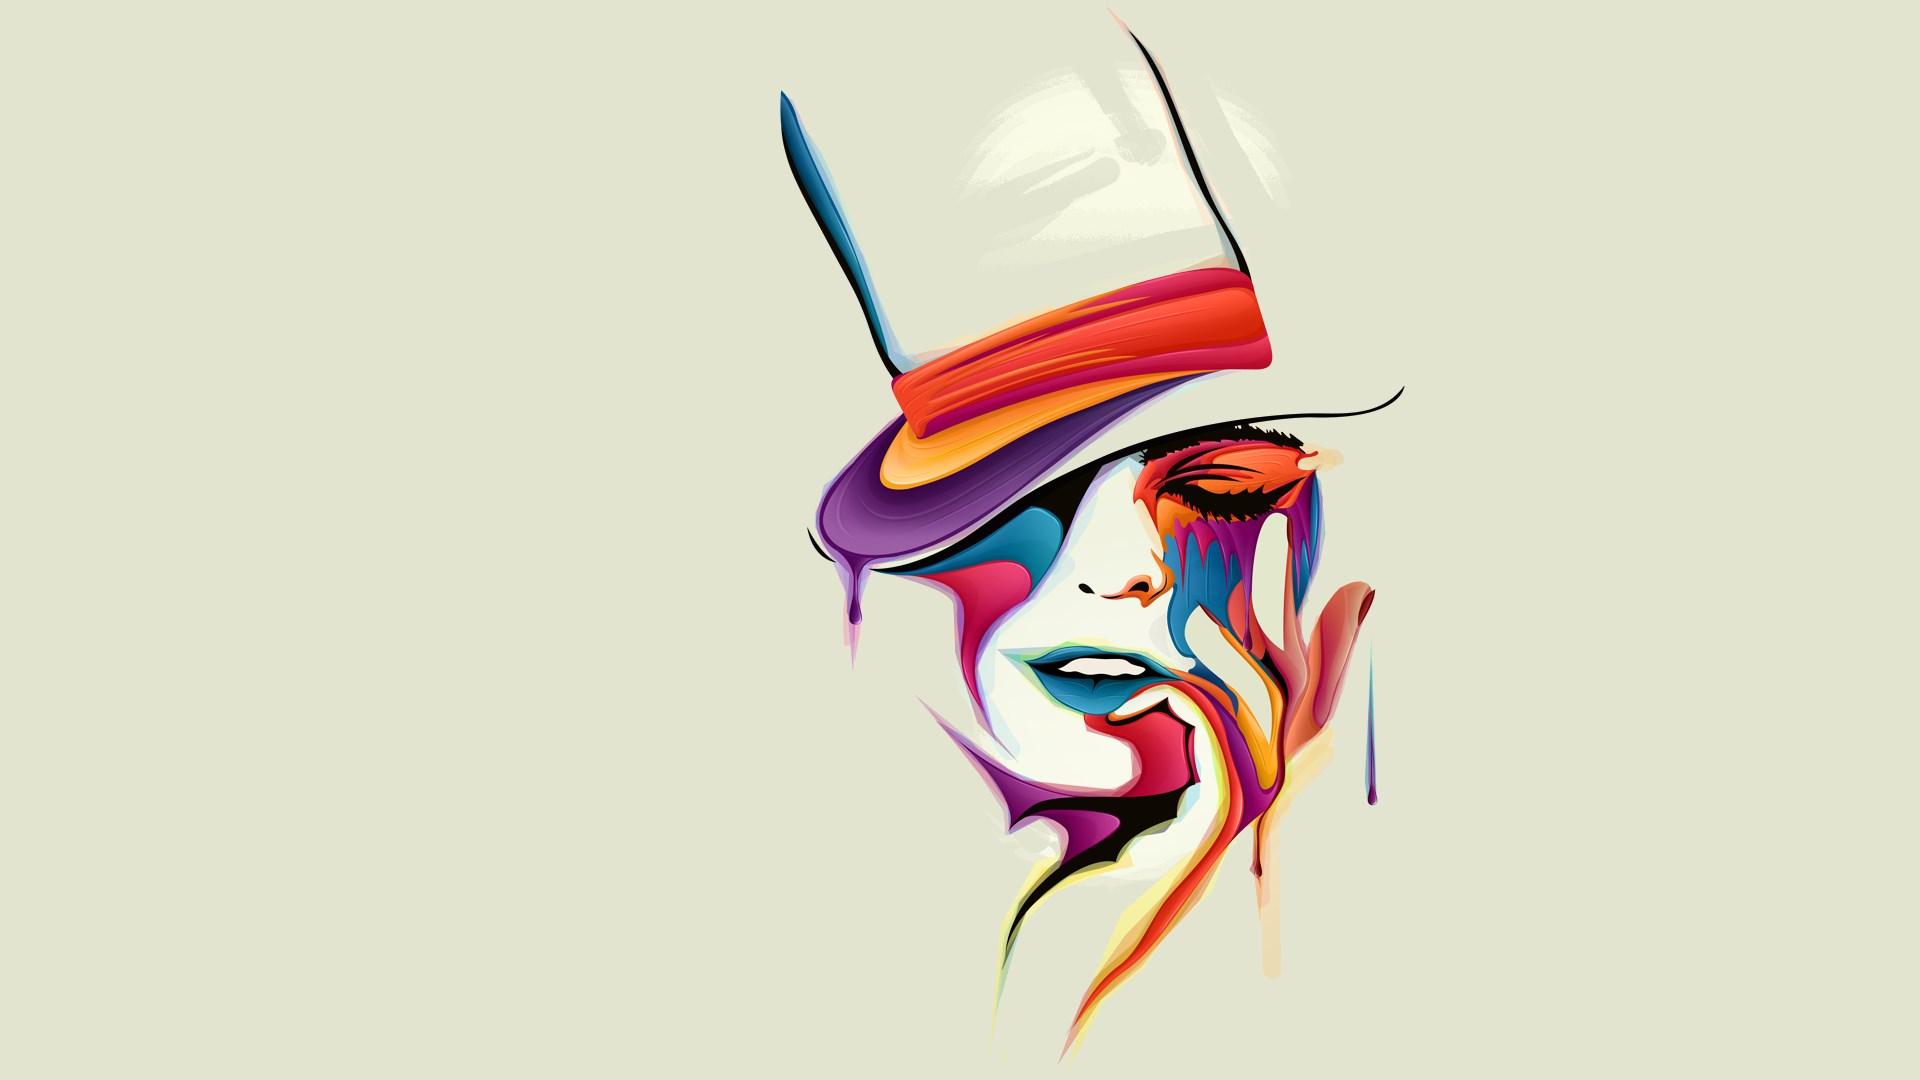 Girl Abstract Art